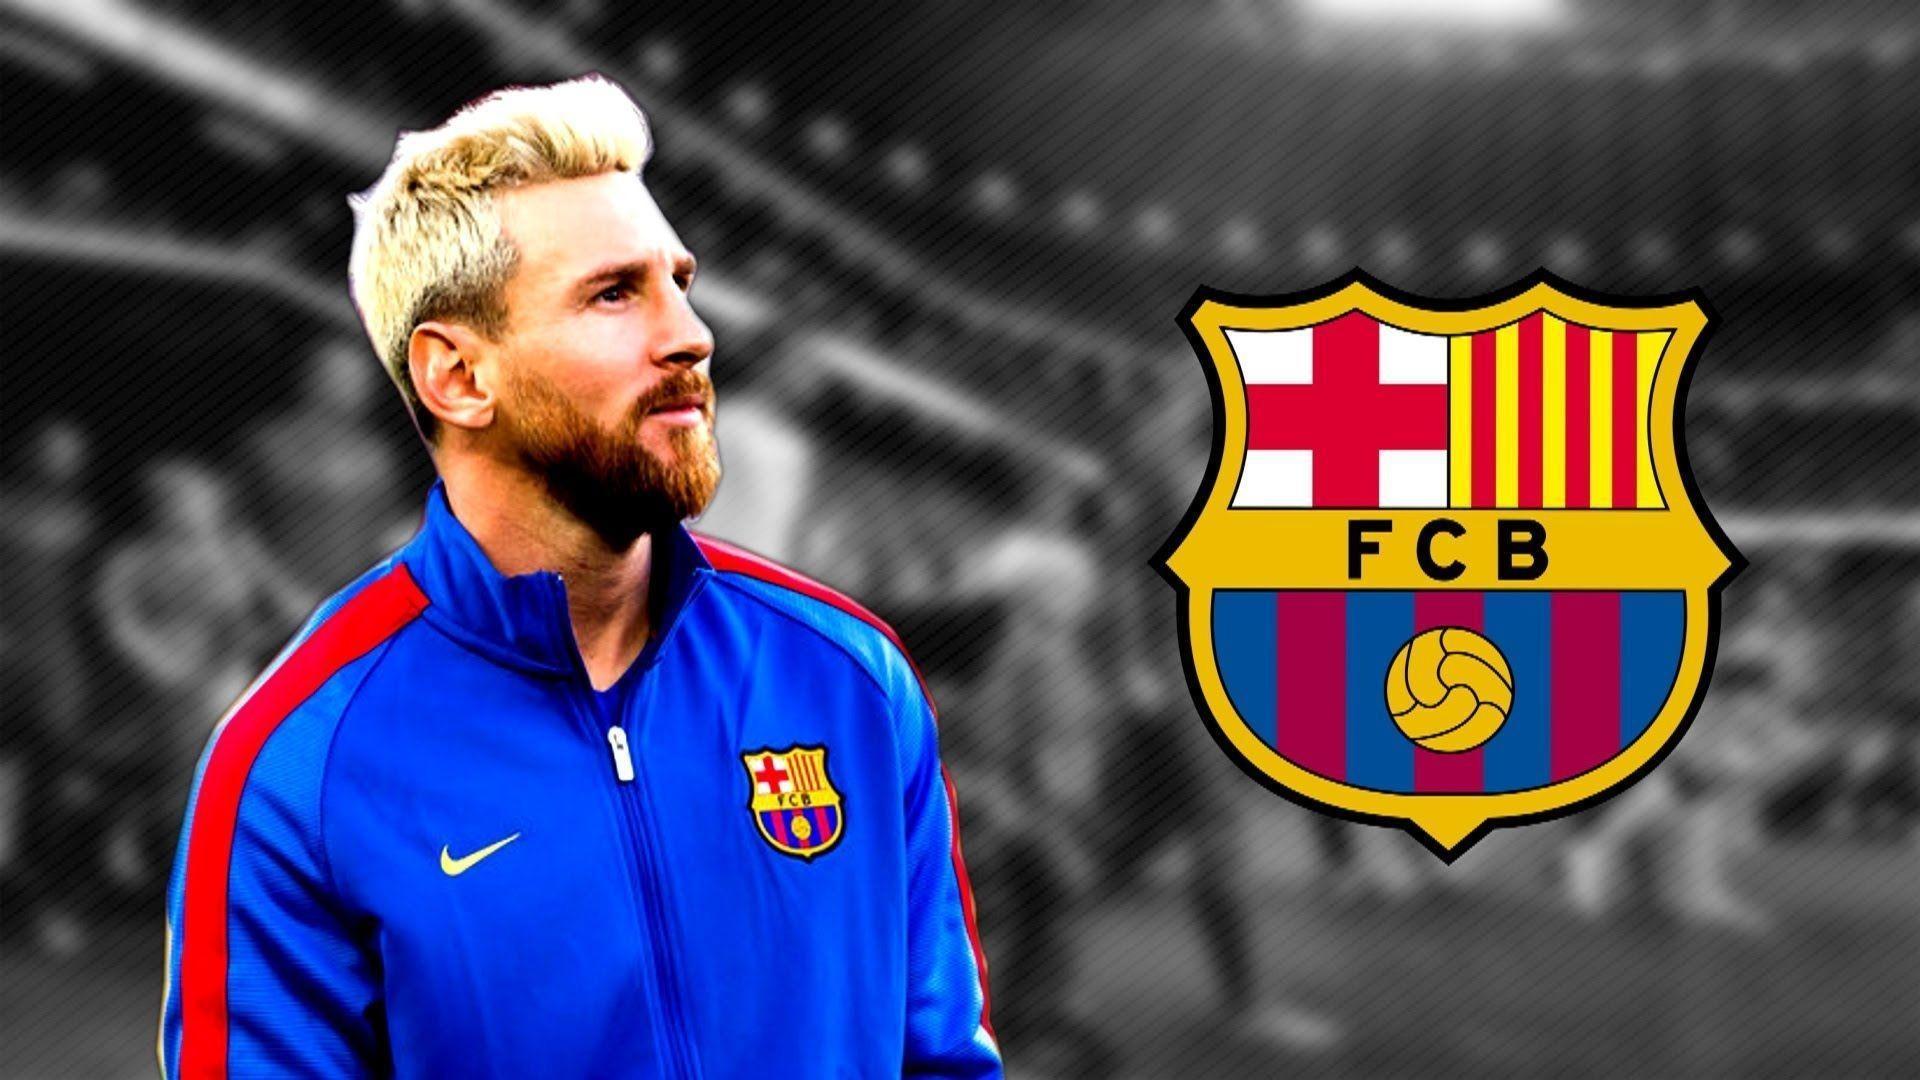 Lionel Messi 2018 Wallpaper Hd 1080p Wallpapertag